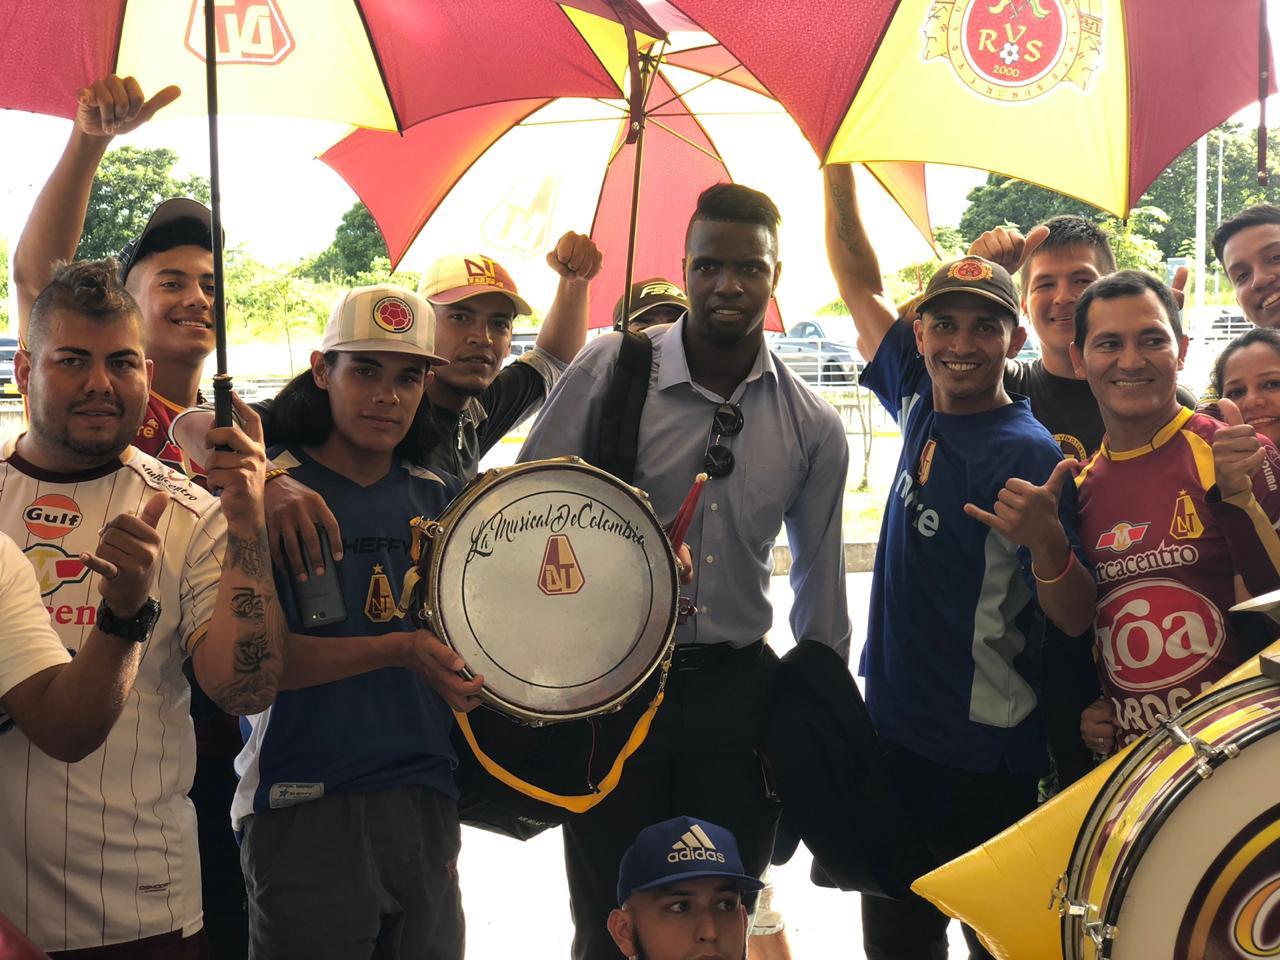 Con banderazo, bombos y platillos, hinchada despidió al Deportes Tolima